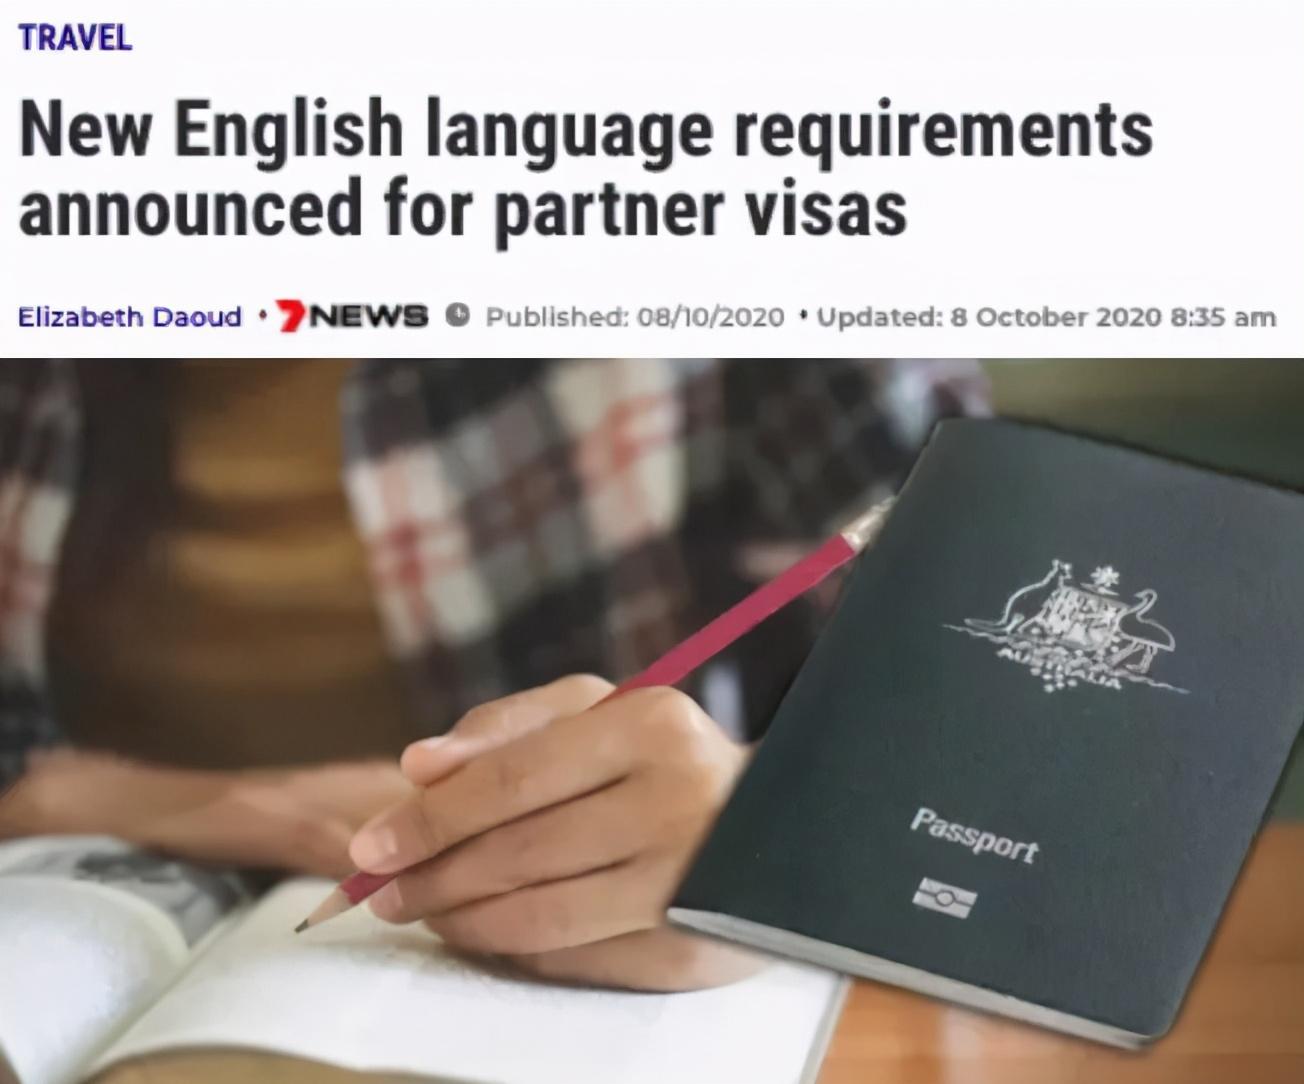 移民澳大利亚需要英文多少分?不同签证对于的英文要求有何不同?